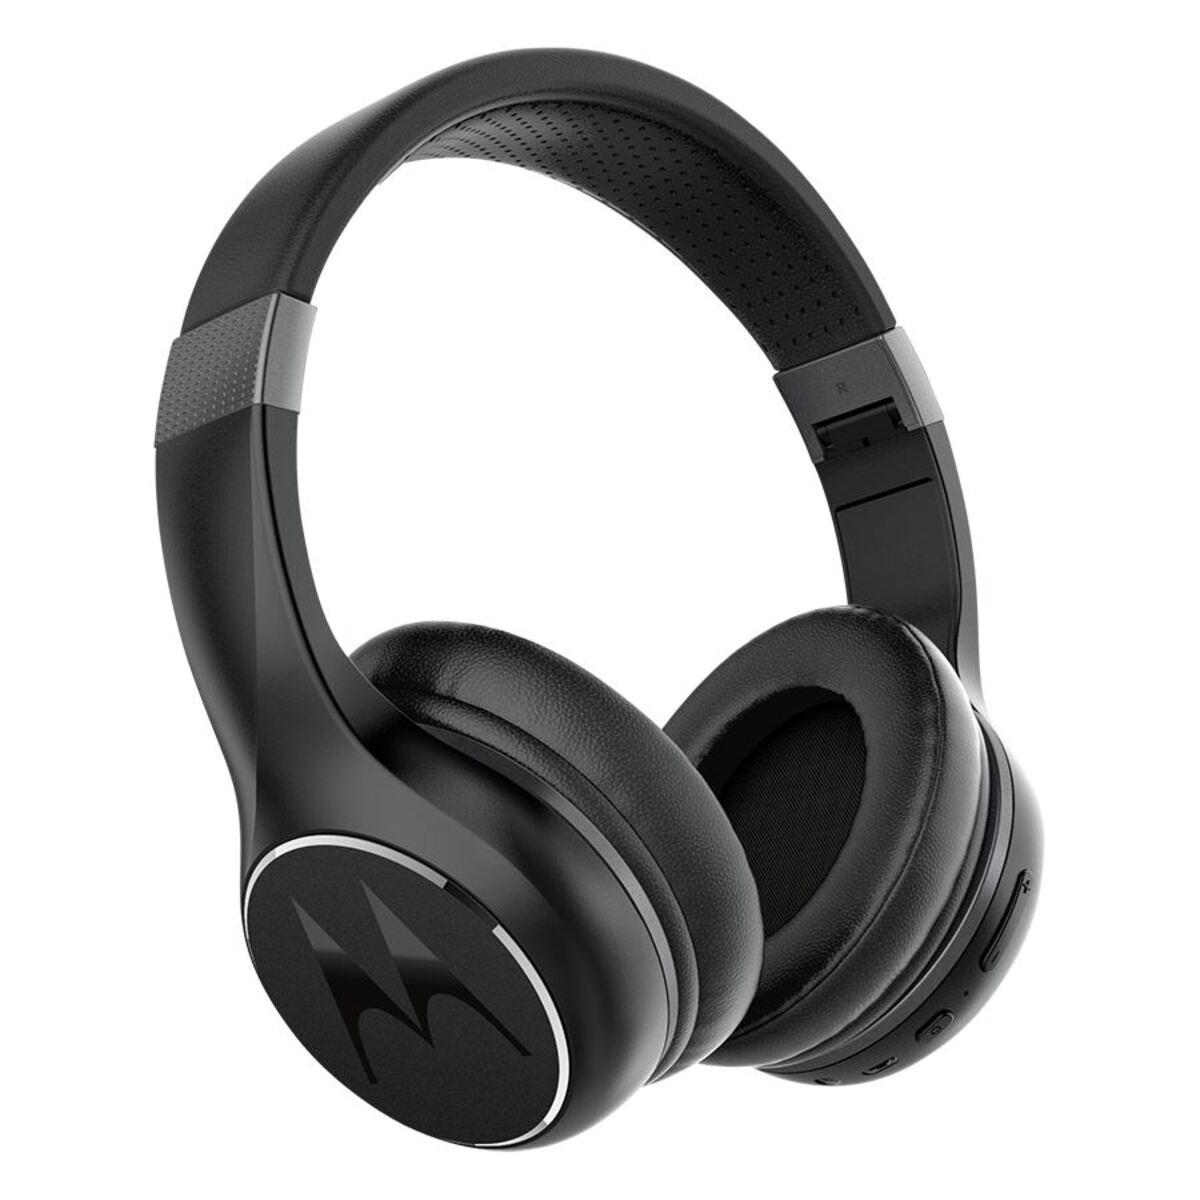 Bild 3 von Motorola Escape 220 Bluetooth-Kopfhörer Schwarz